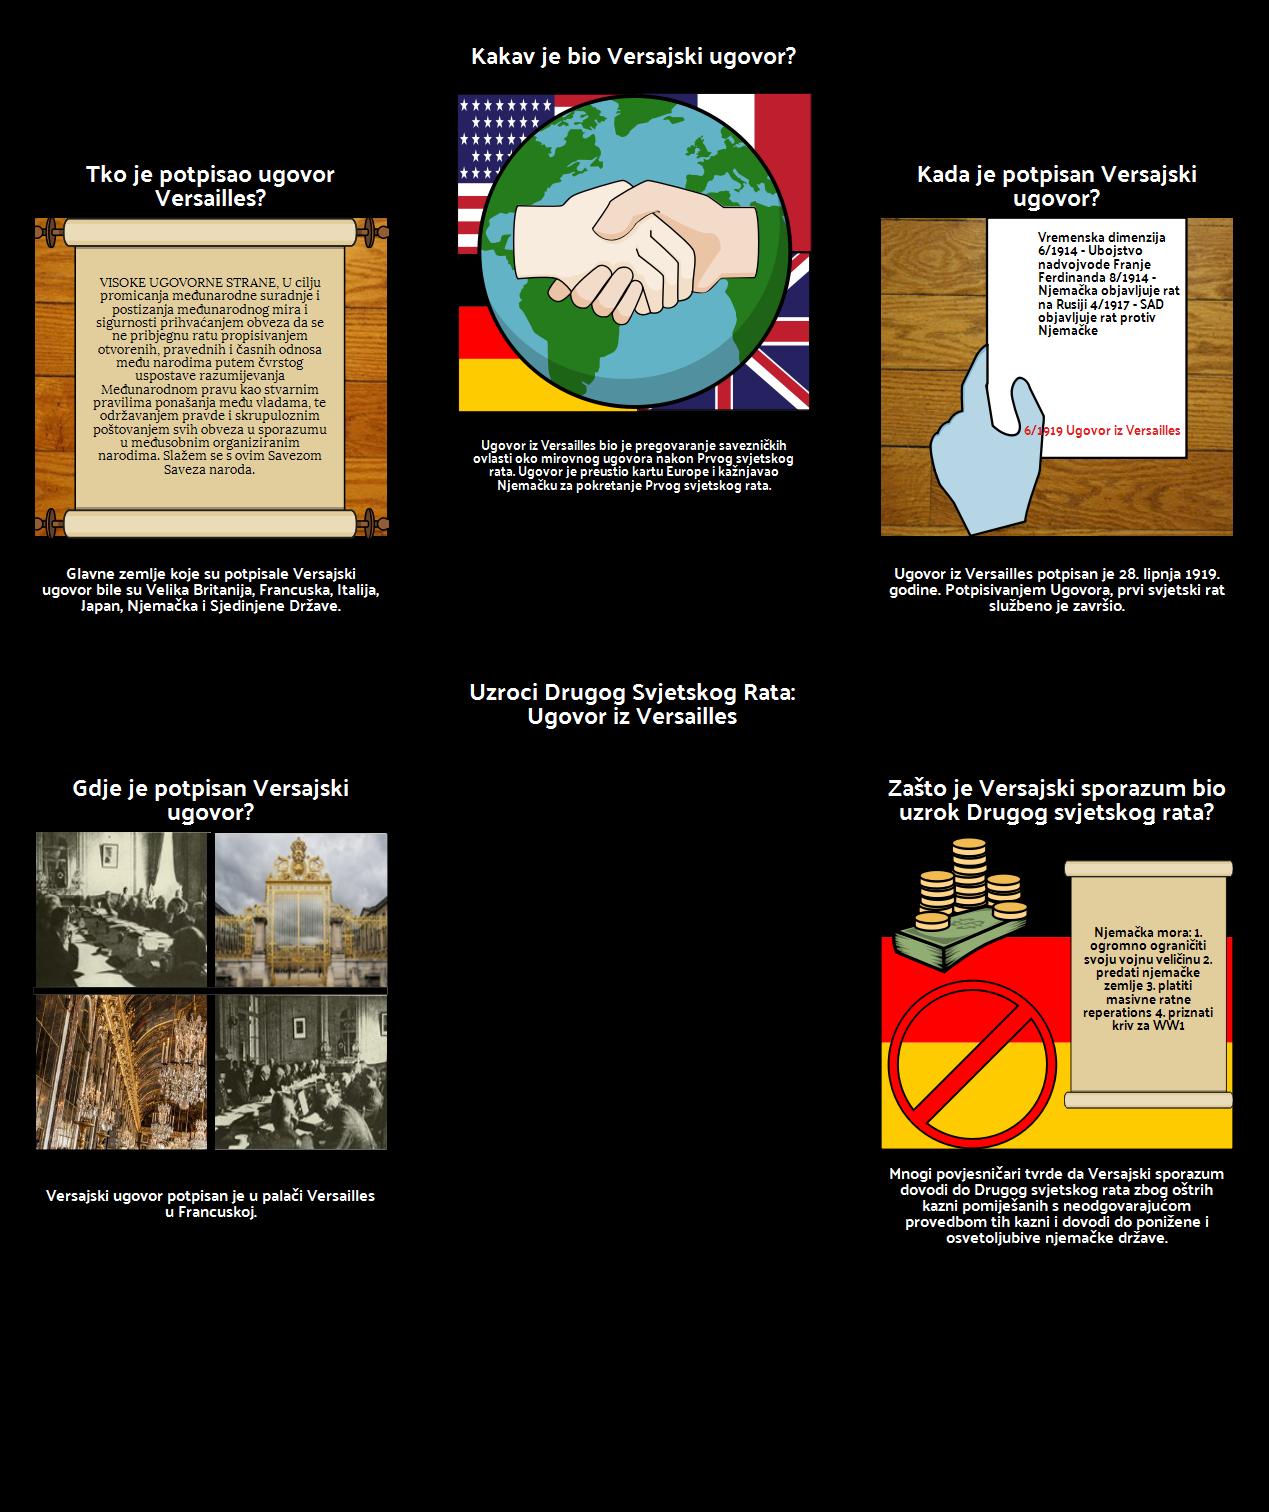 Uzroci Drugog Svjetskog Rata